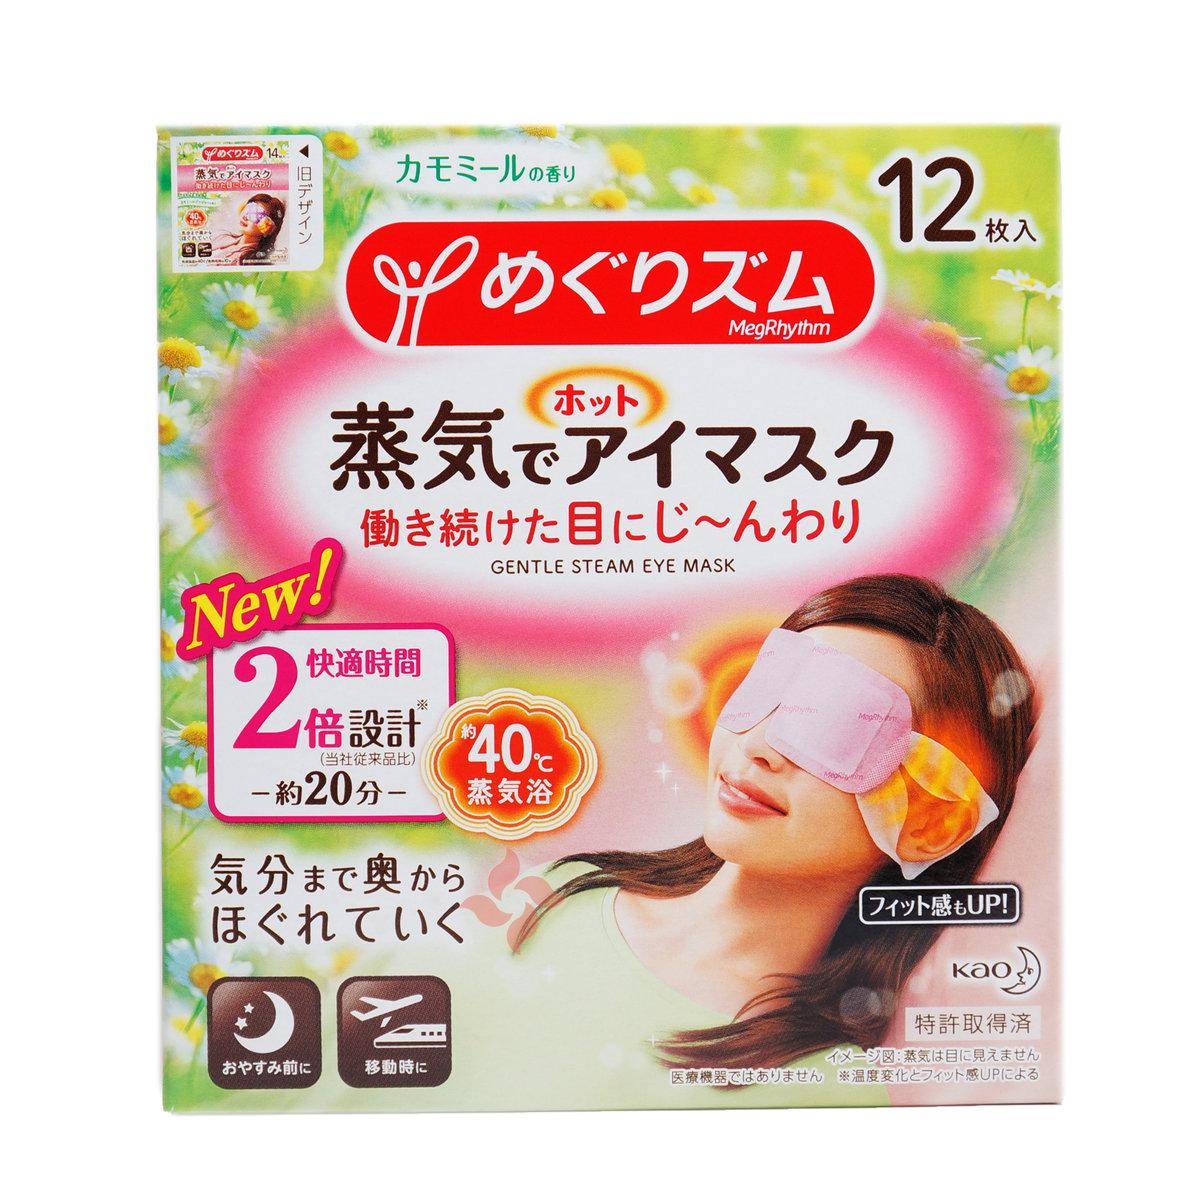 花王  蒸氣眼罩(2倍時效) 洋甘菊 12枚 (4901301348067)